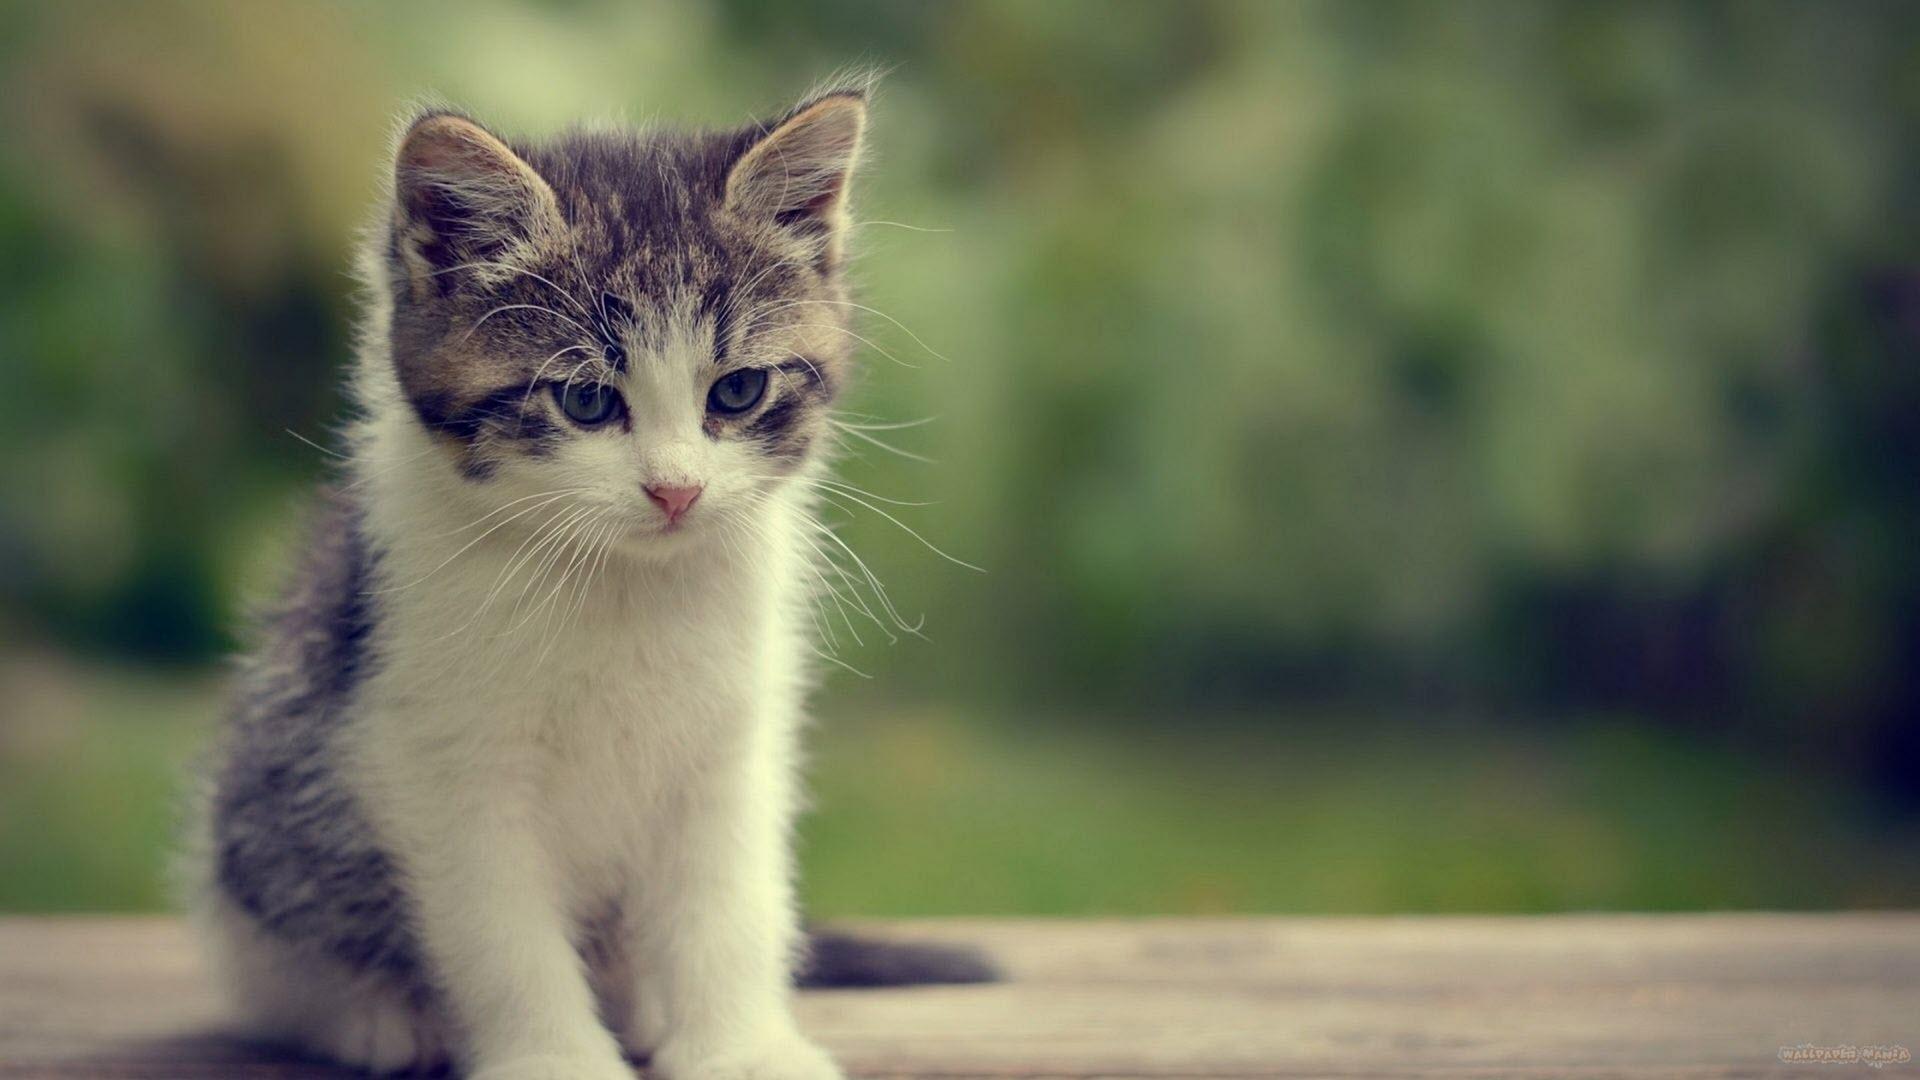 Hình nền chú mèo dễ thương nhất